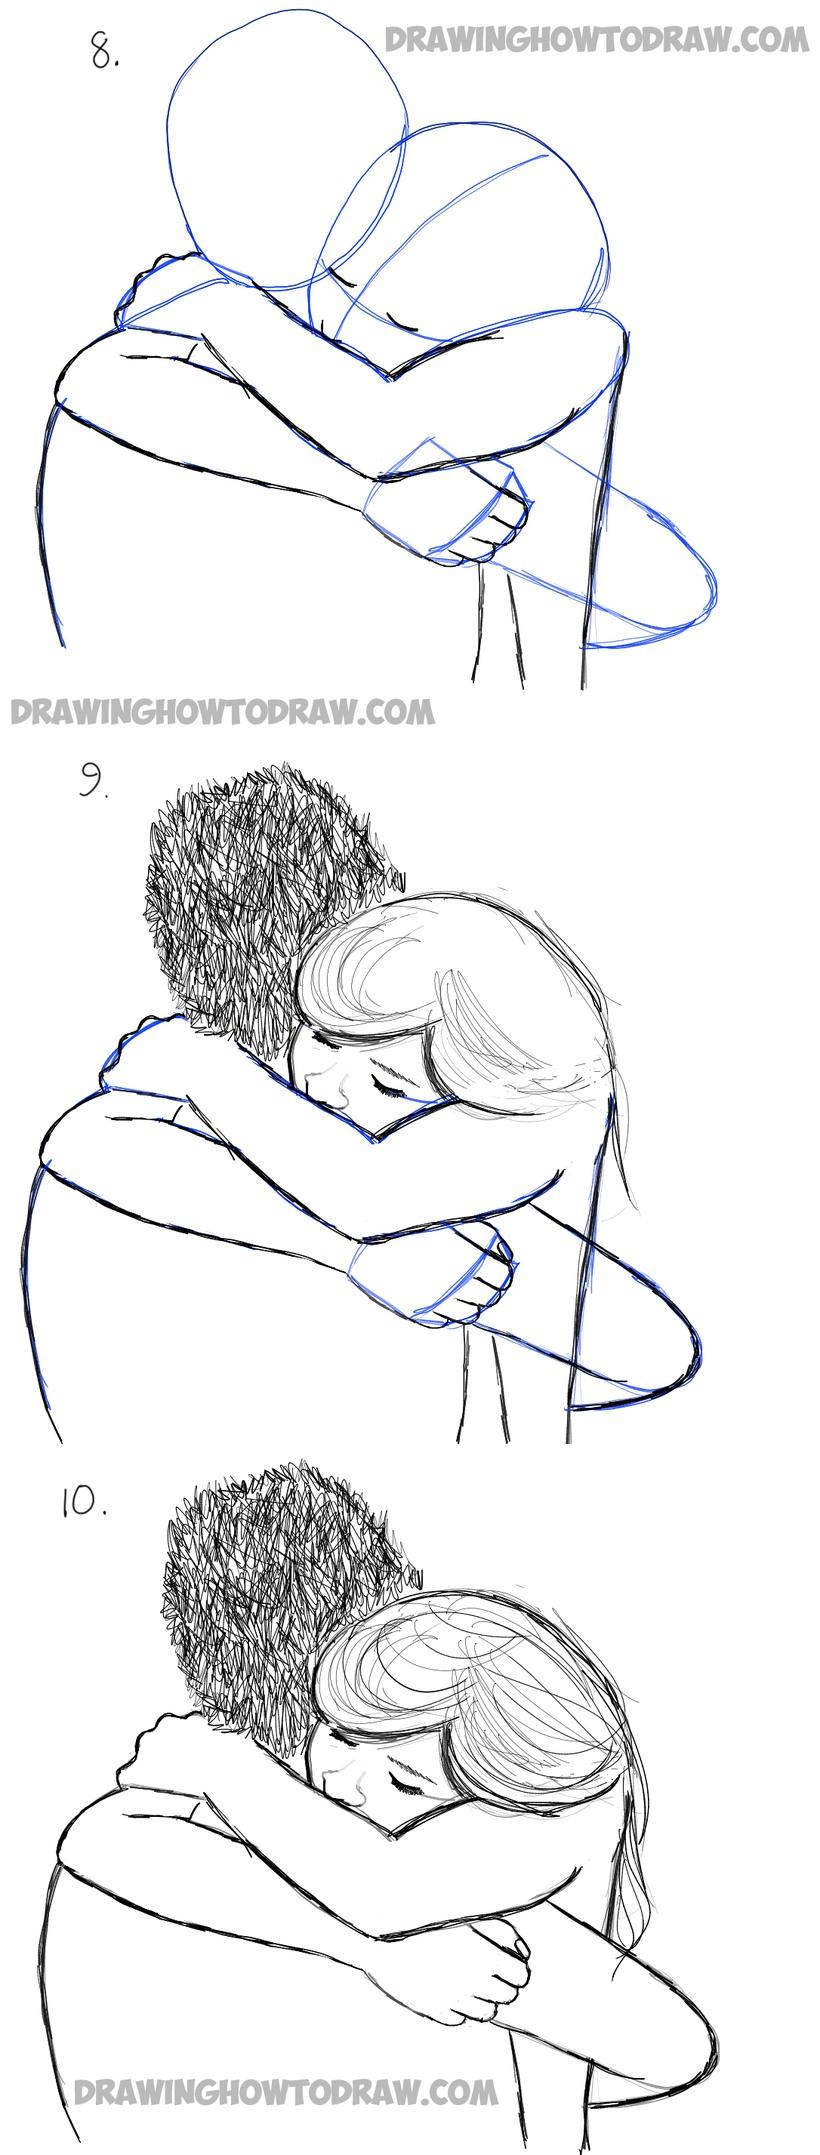 dibujos fáciles con corazones a lápiz paso a paso pareja abrazo triste sad corazón roto